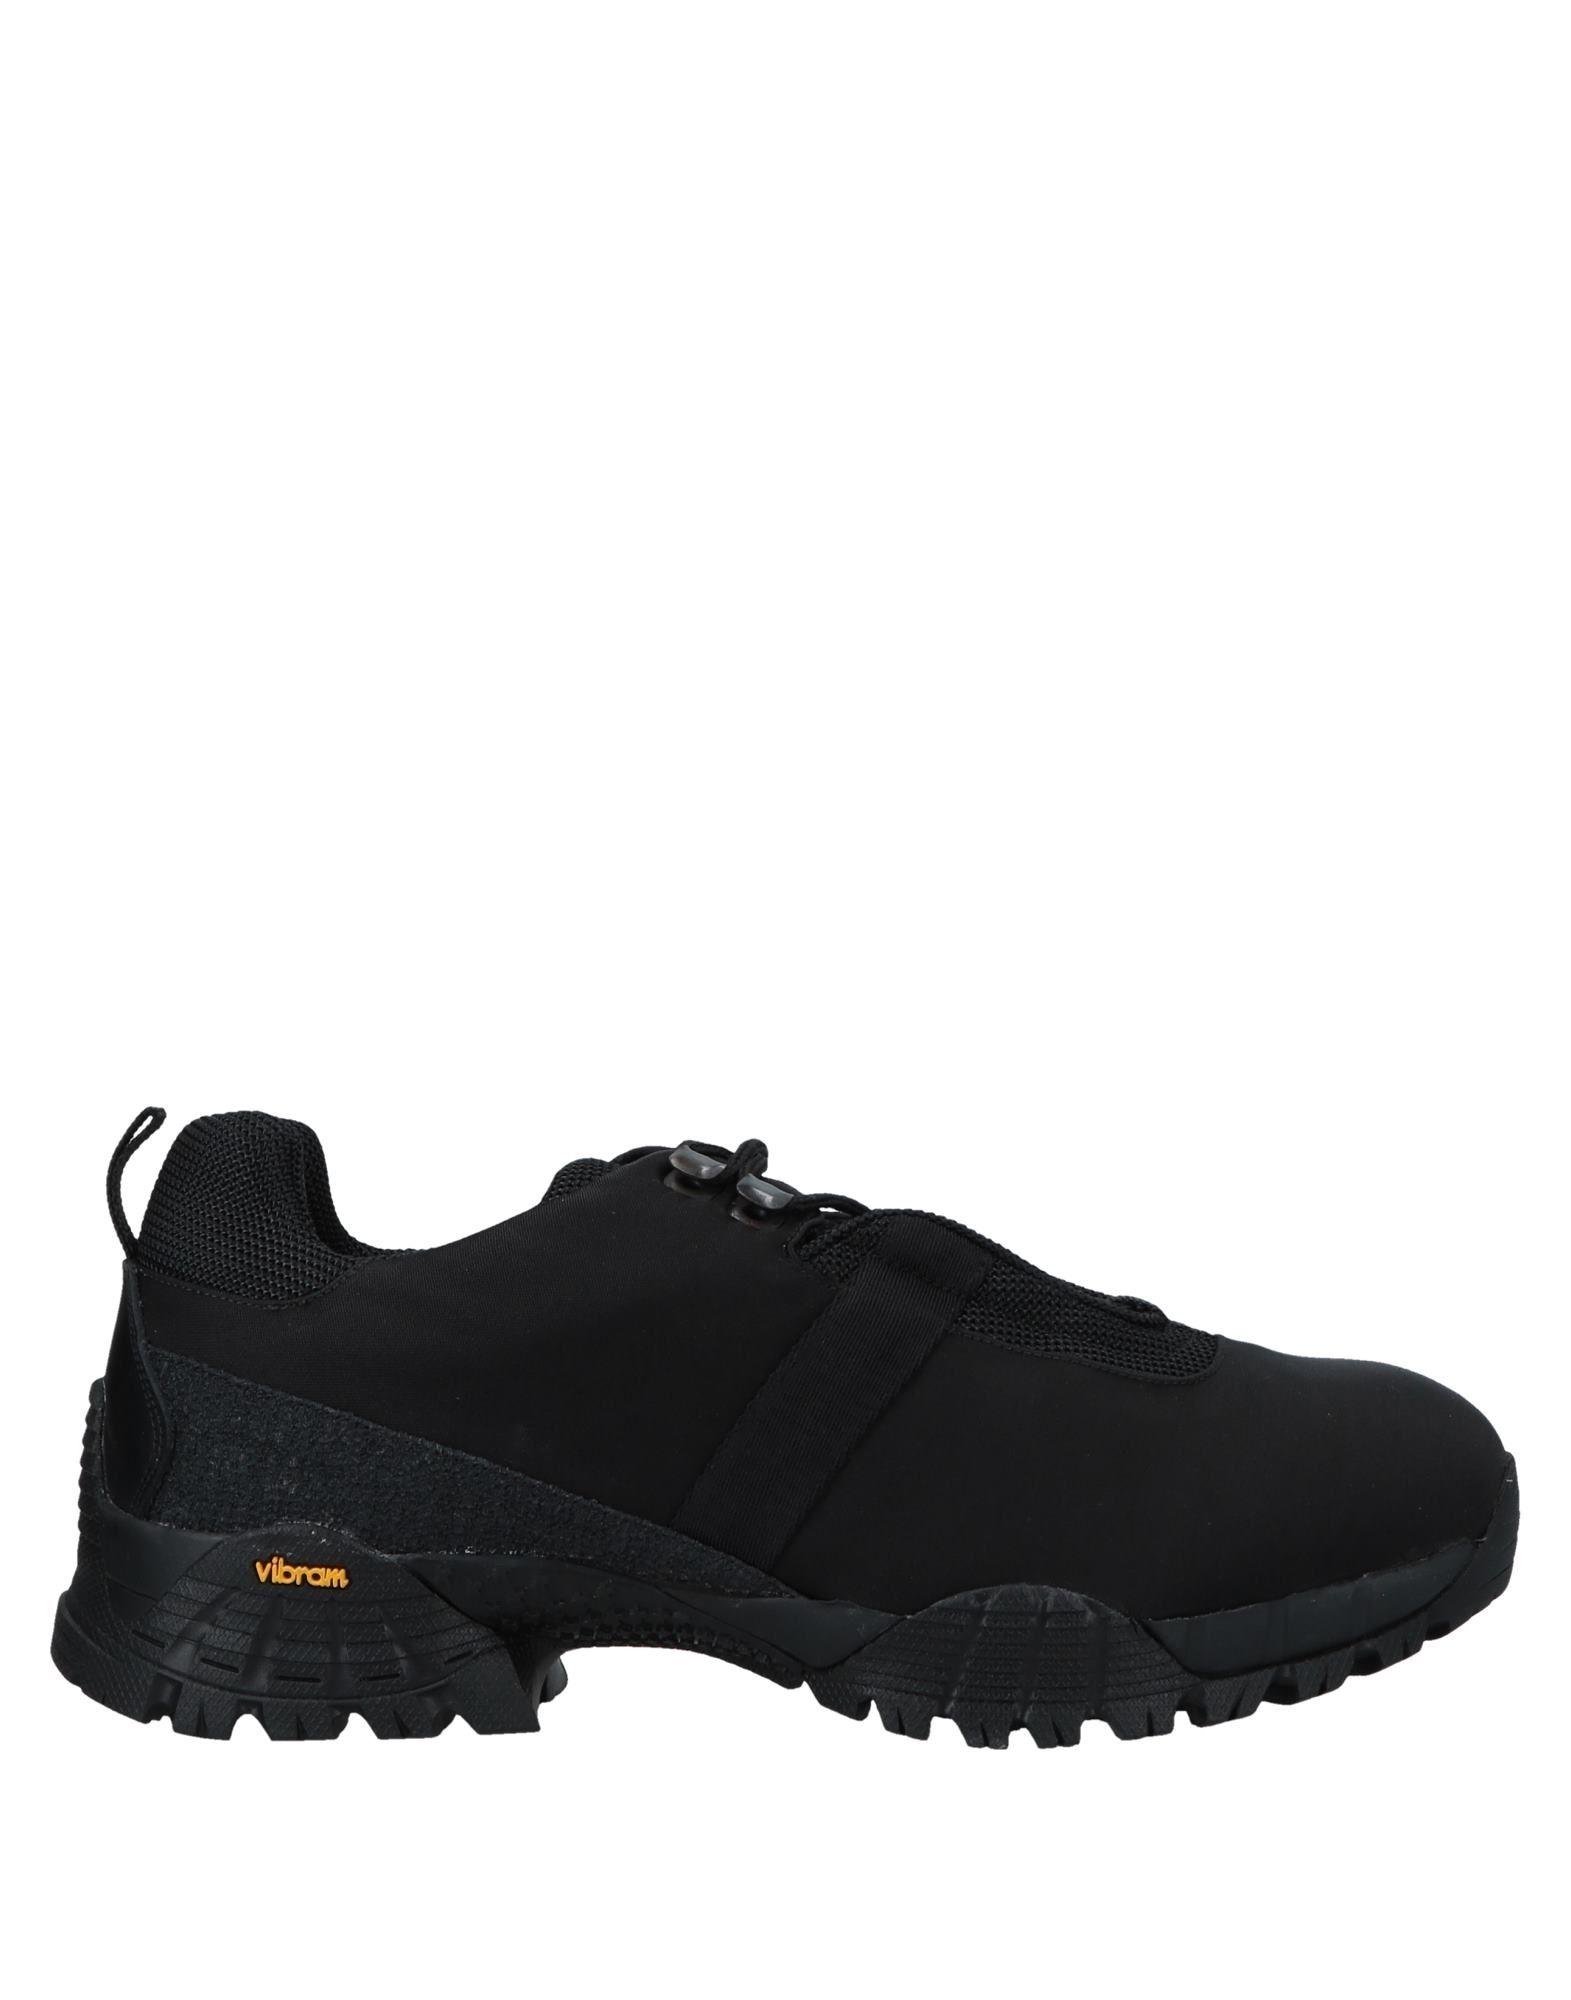 1017 ALYX 9SM Низкие кеды и кроссовки 1017 alyx 9sm низкие кеды и кроссовки